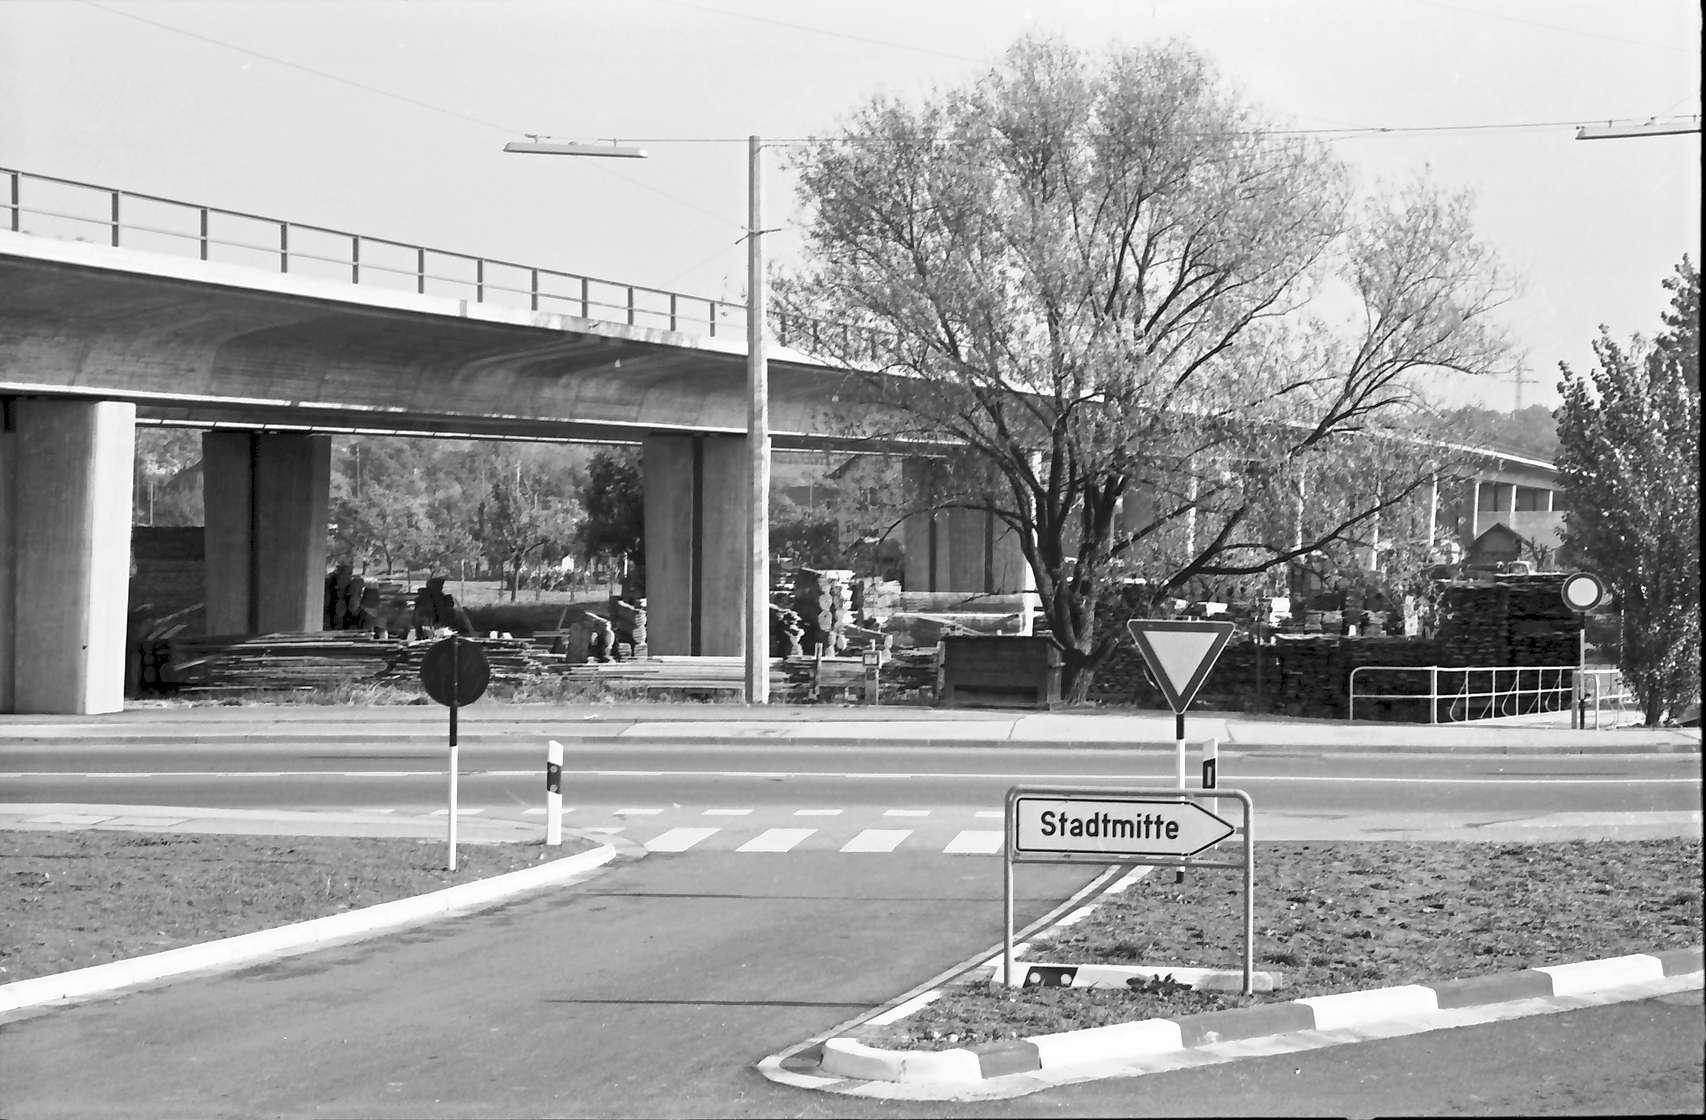 Baden-Oos: Gesamtansicht der Rampe mit Straße im Vordergrund, Bild 1